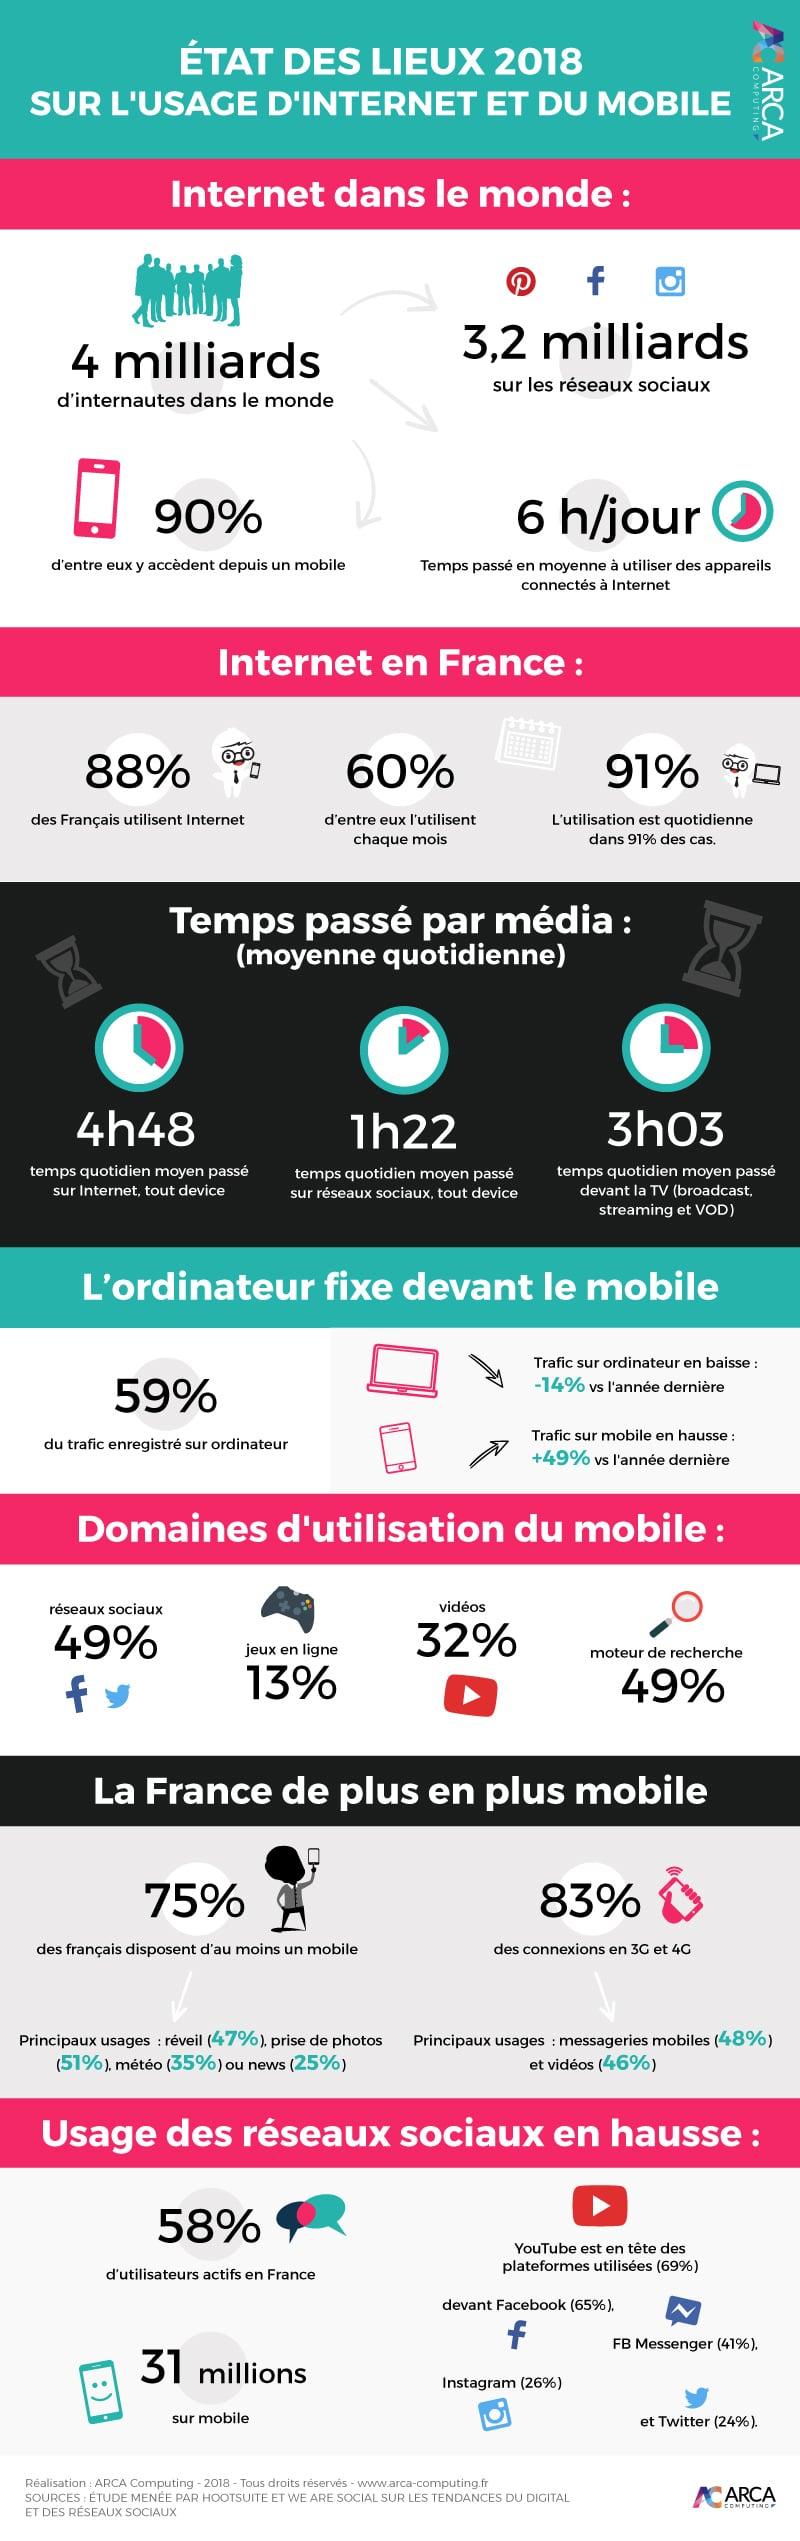 Internet et mobile: état des lieux en infographie